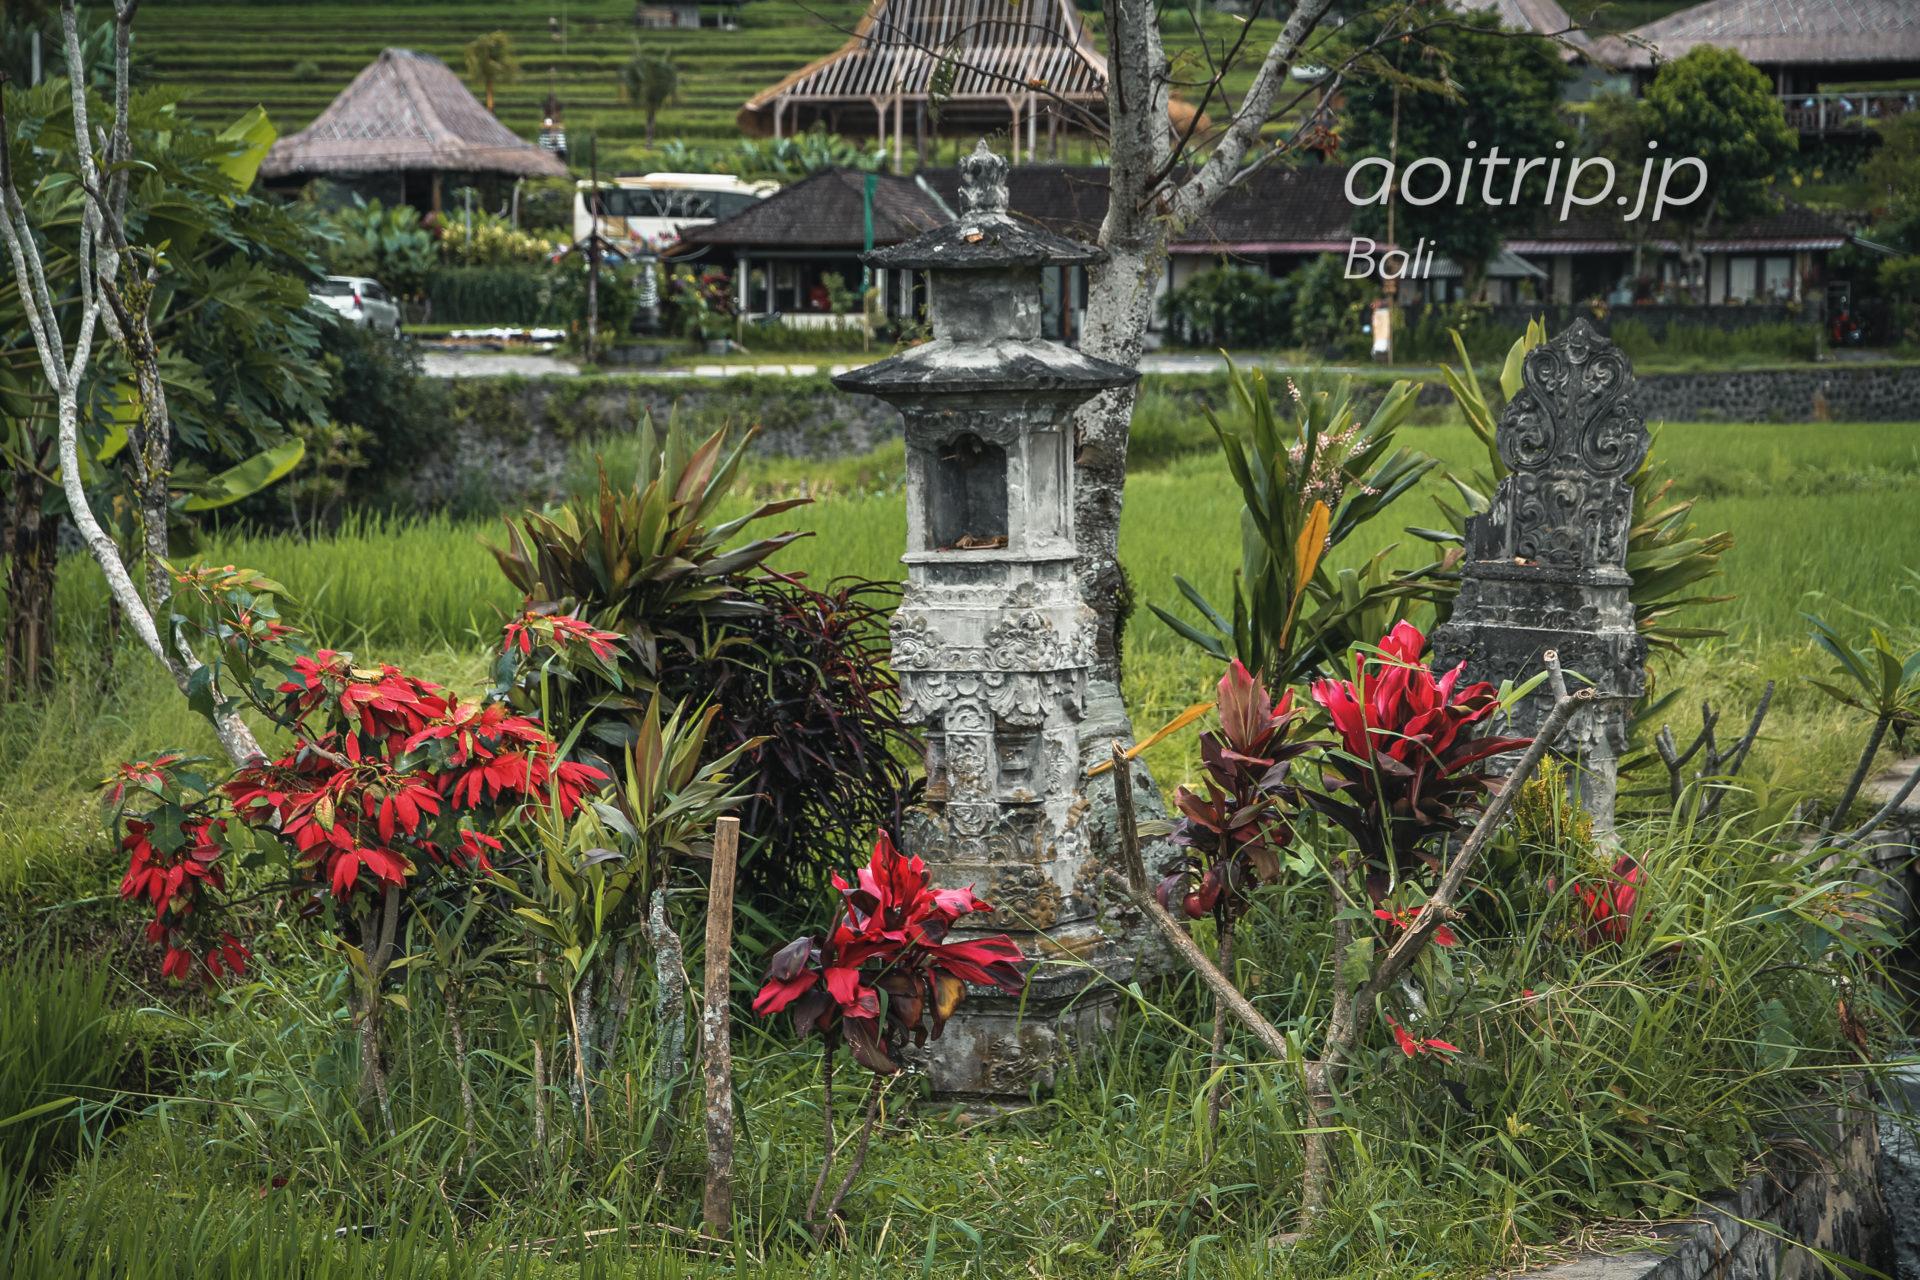 ジャティルイ棚田のライステラス|Jatiluwih Rice Terrace, Bali